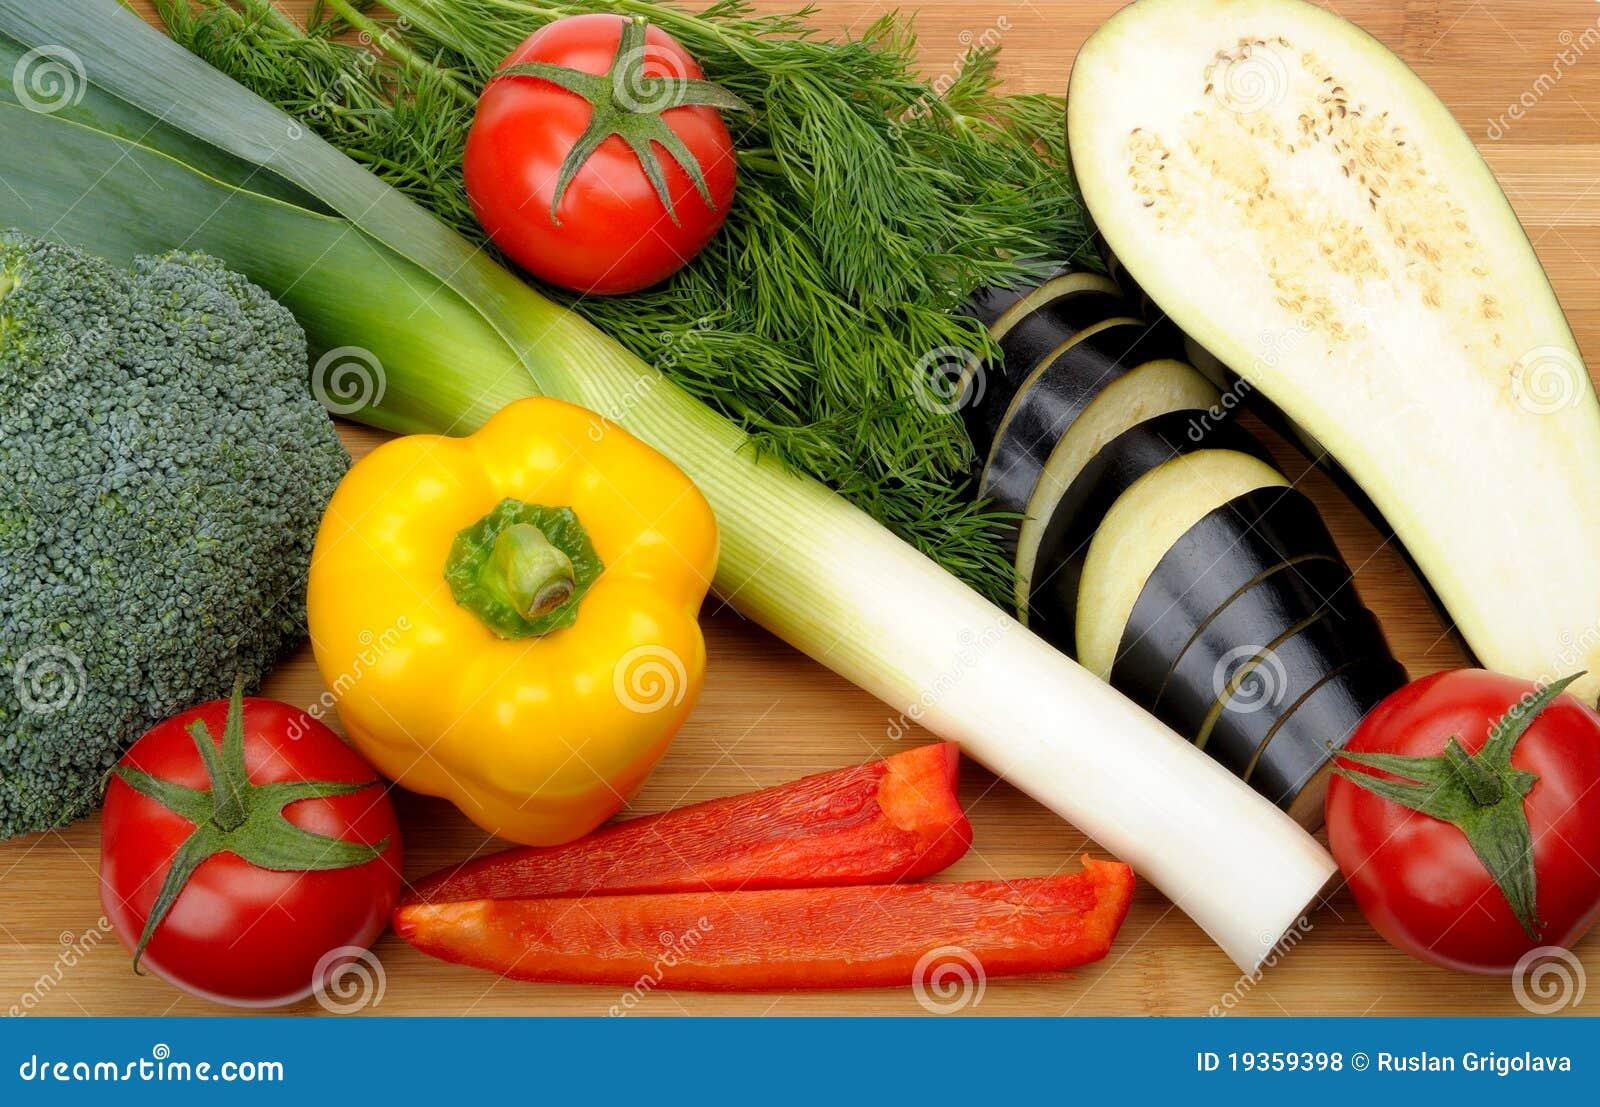 Vegetais em uma placa de estaca